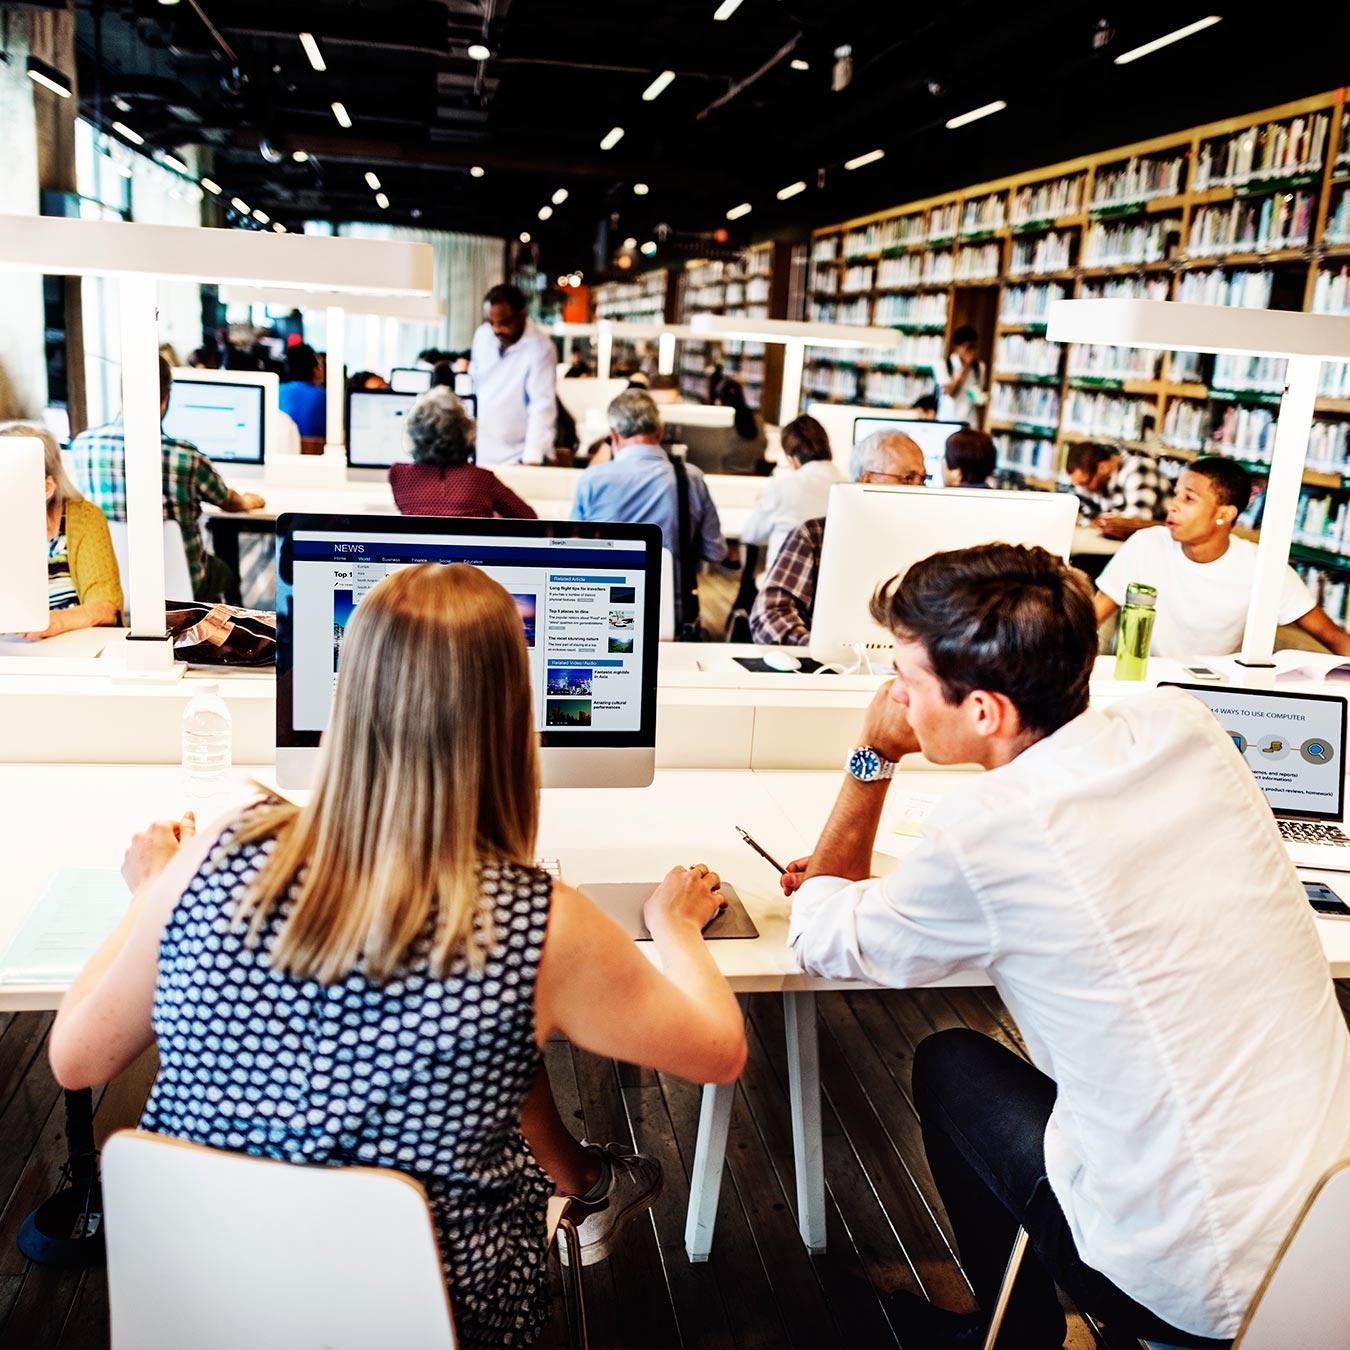 Biblioteconomia com Ênfase em Biblioteca Escolar  - PUC Minas